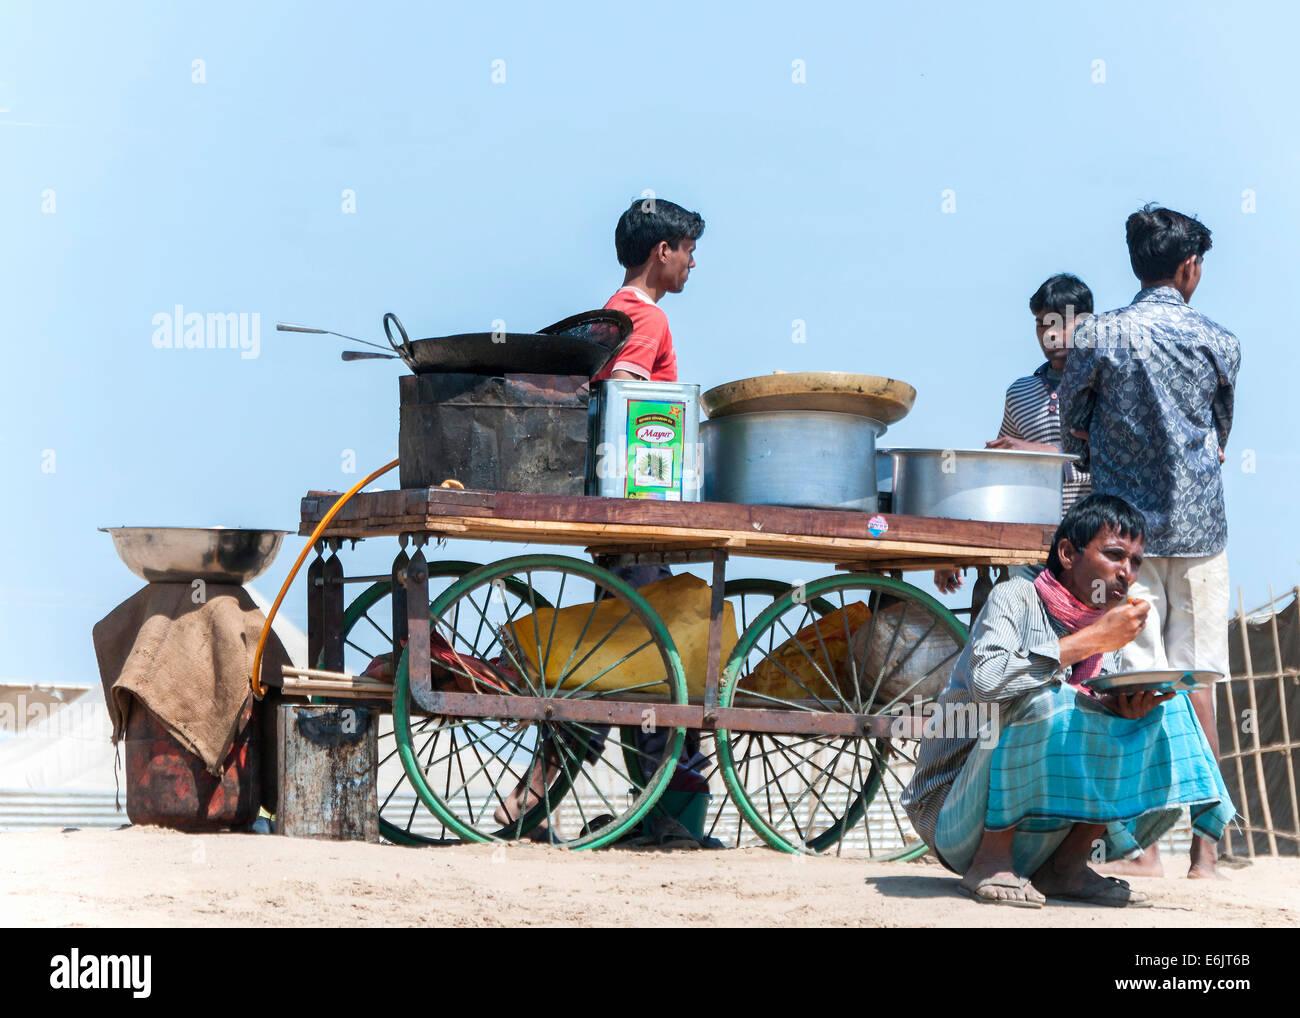 Cuisine de rue sur roues dans un endroit de sable le long du Gange. Photo Stock